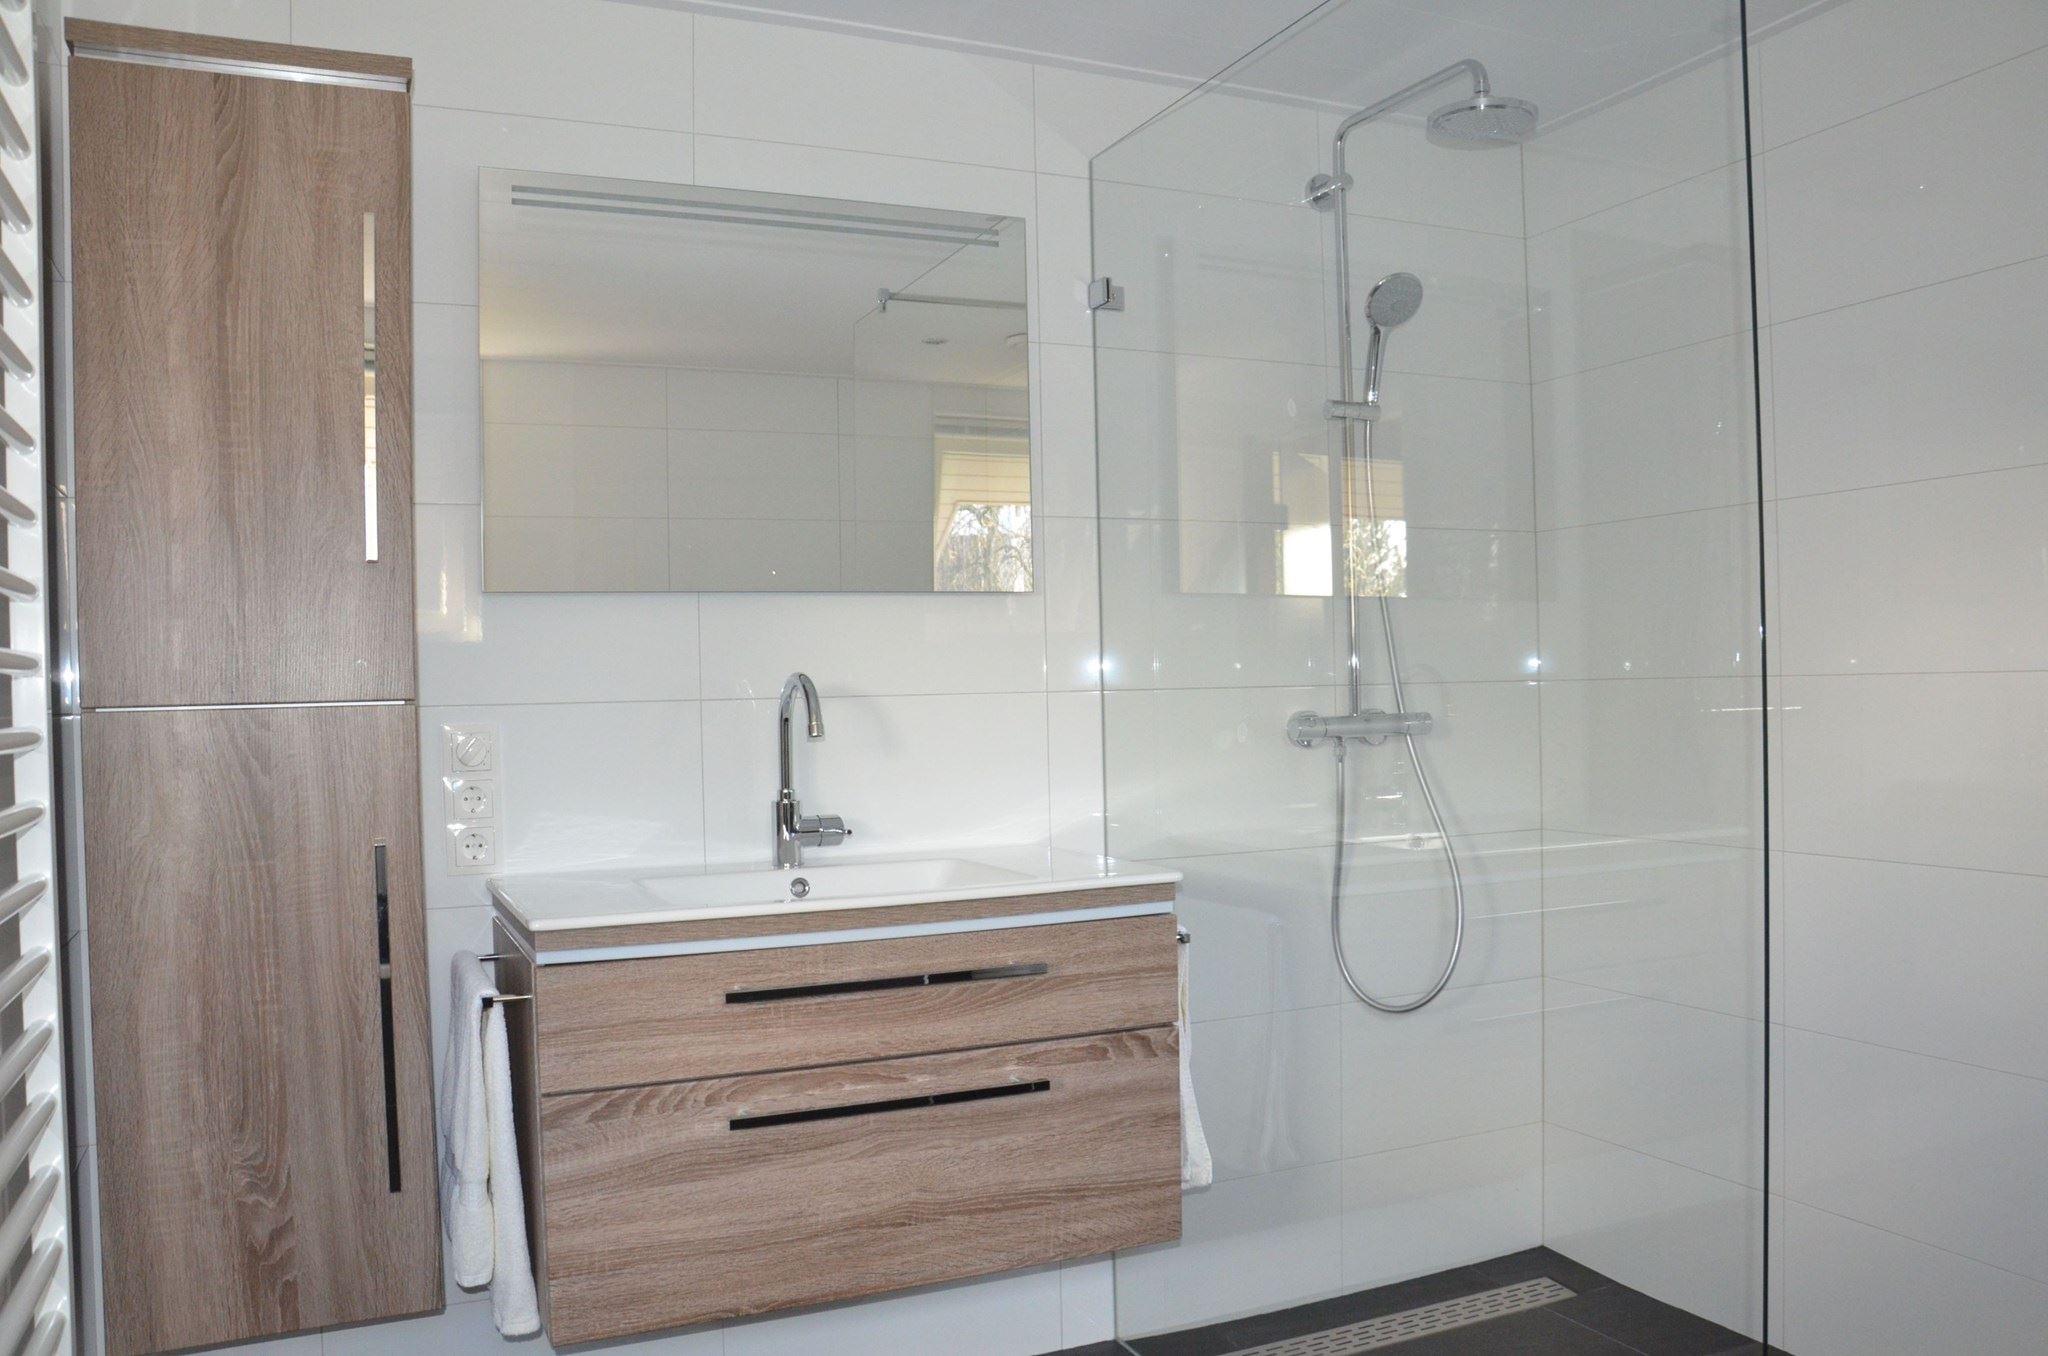 Mooi badkamermeubel 150 cm breed badkamermeubels ontwerpen 2017